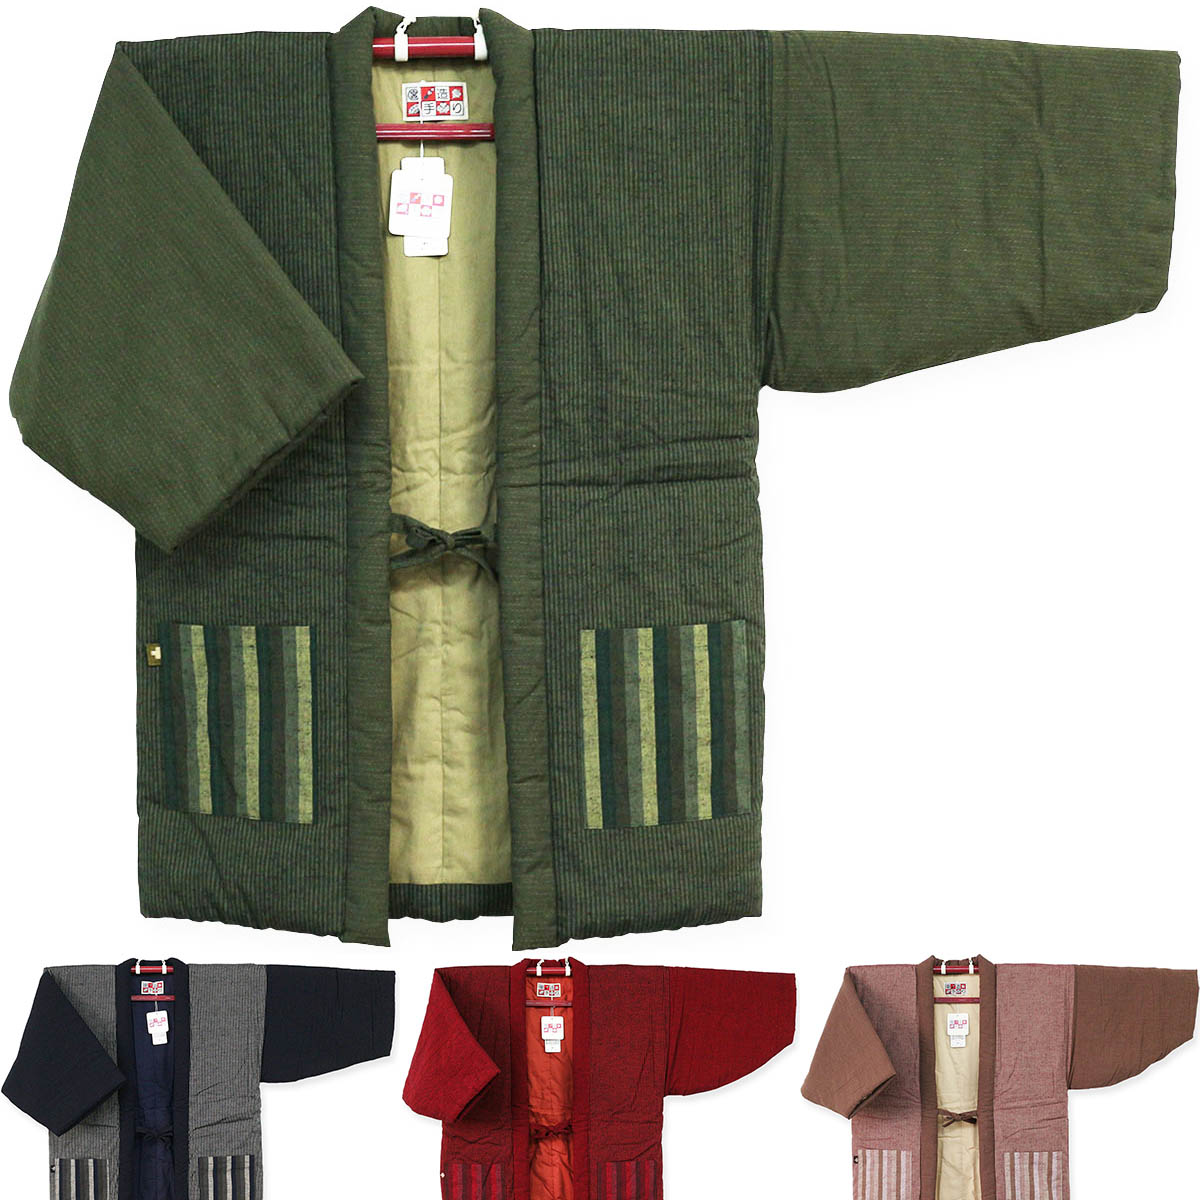 はんてん 小縞半纏 宮田織物946 紺 グリーン 赤 ピンク 袢纏 半纏 半天 レディース 日本製 フリーサイズ 久留米絣